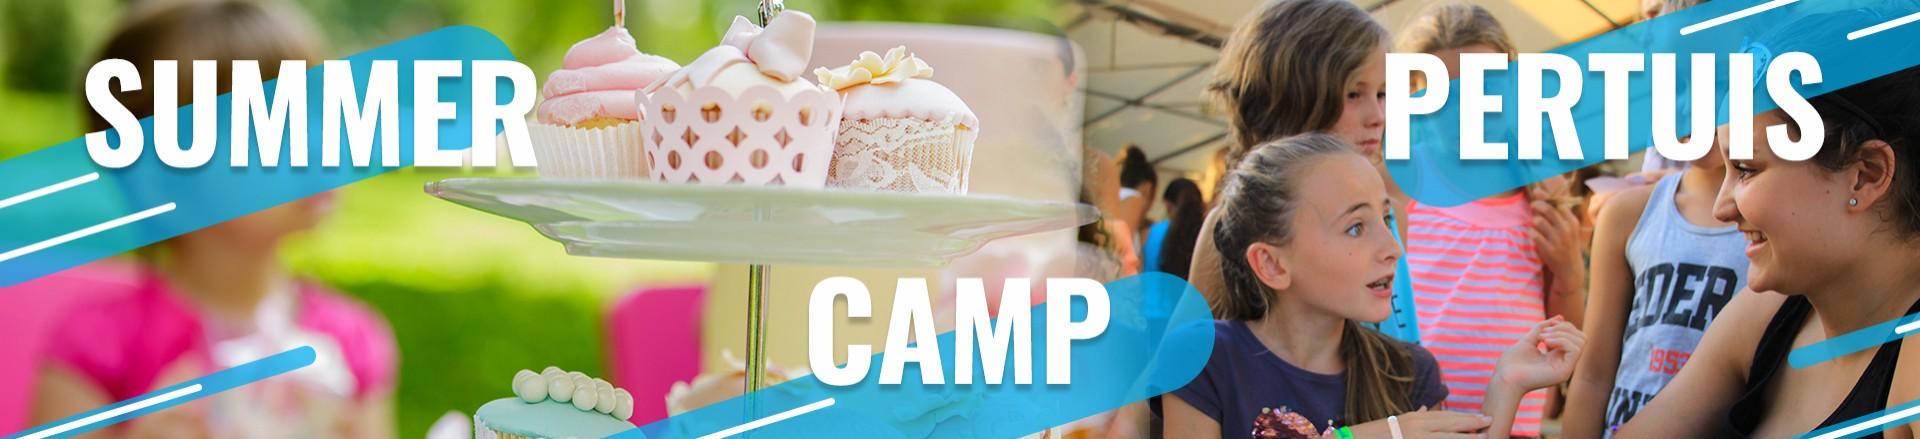 anniversaires au summer Camp Pertuis